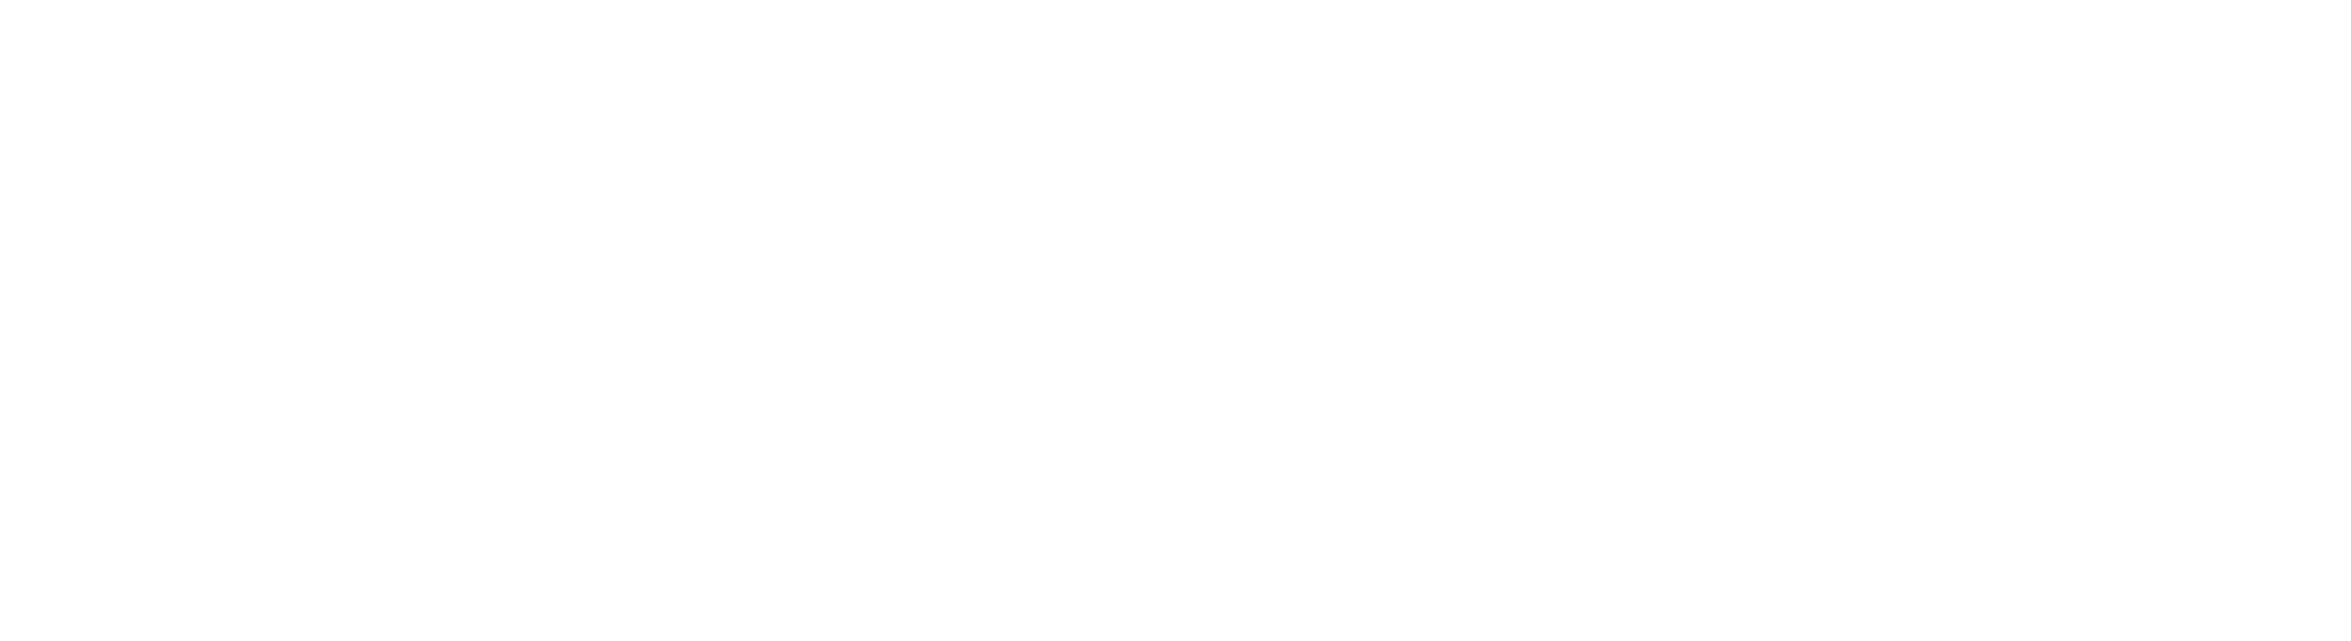 Oliver_Grey_CMYK_logo_large.png